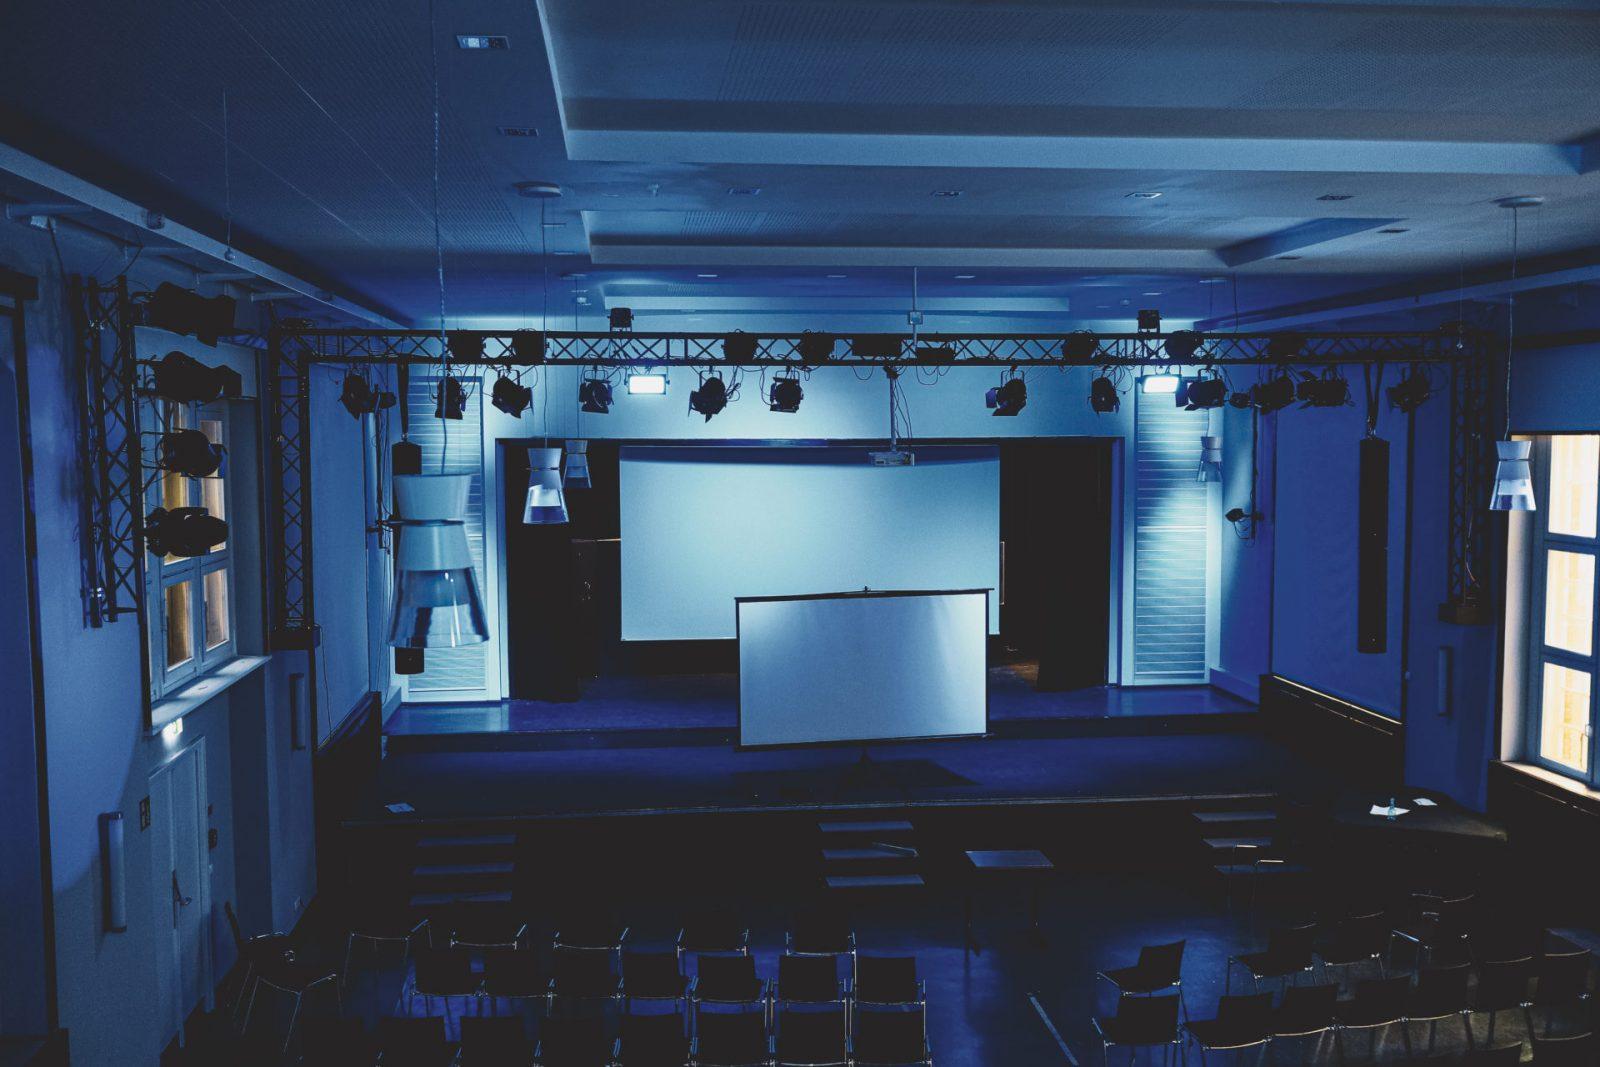 Lichttechnik in der Aula